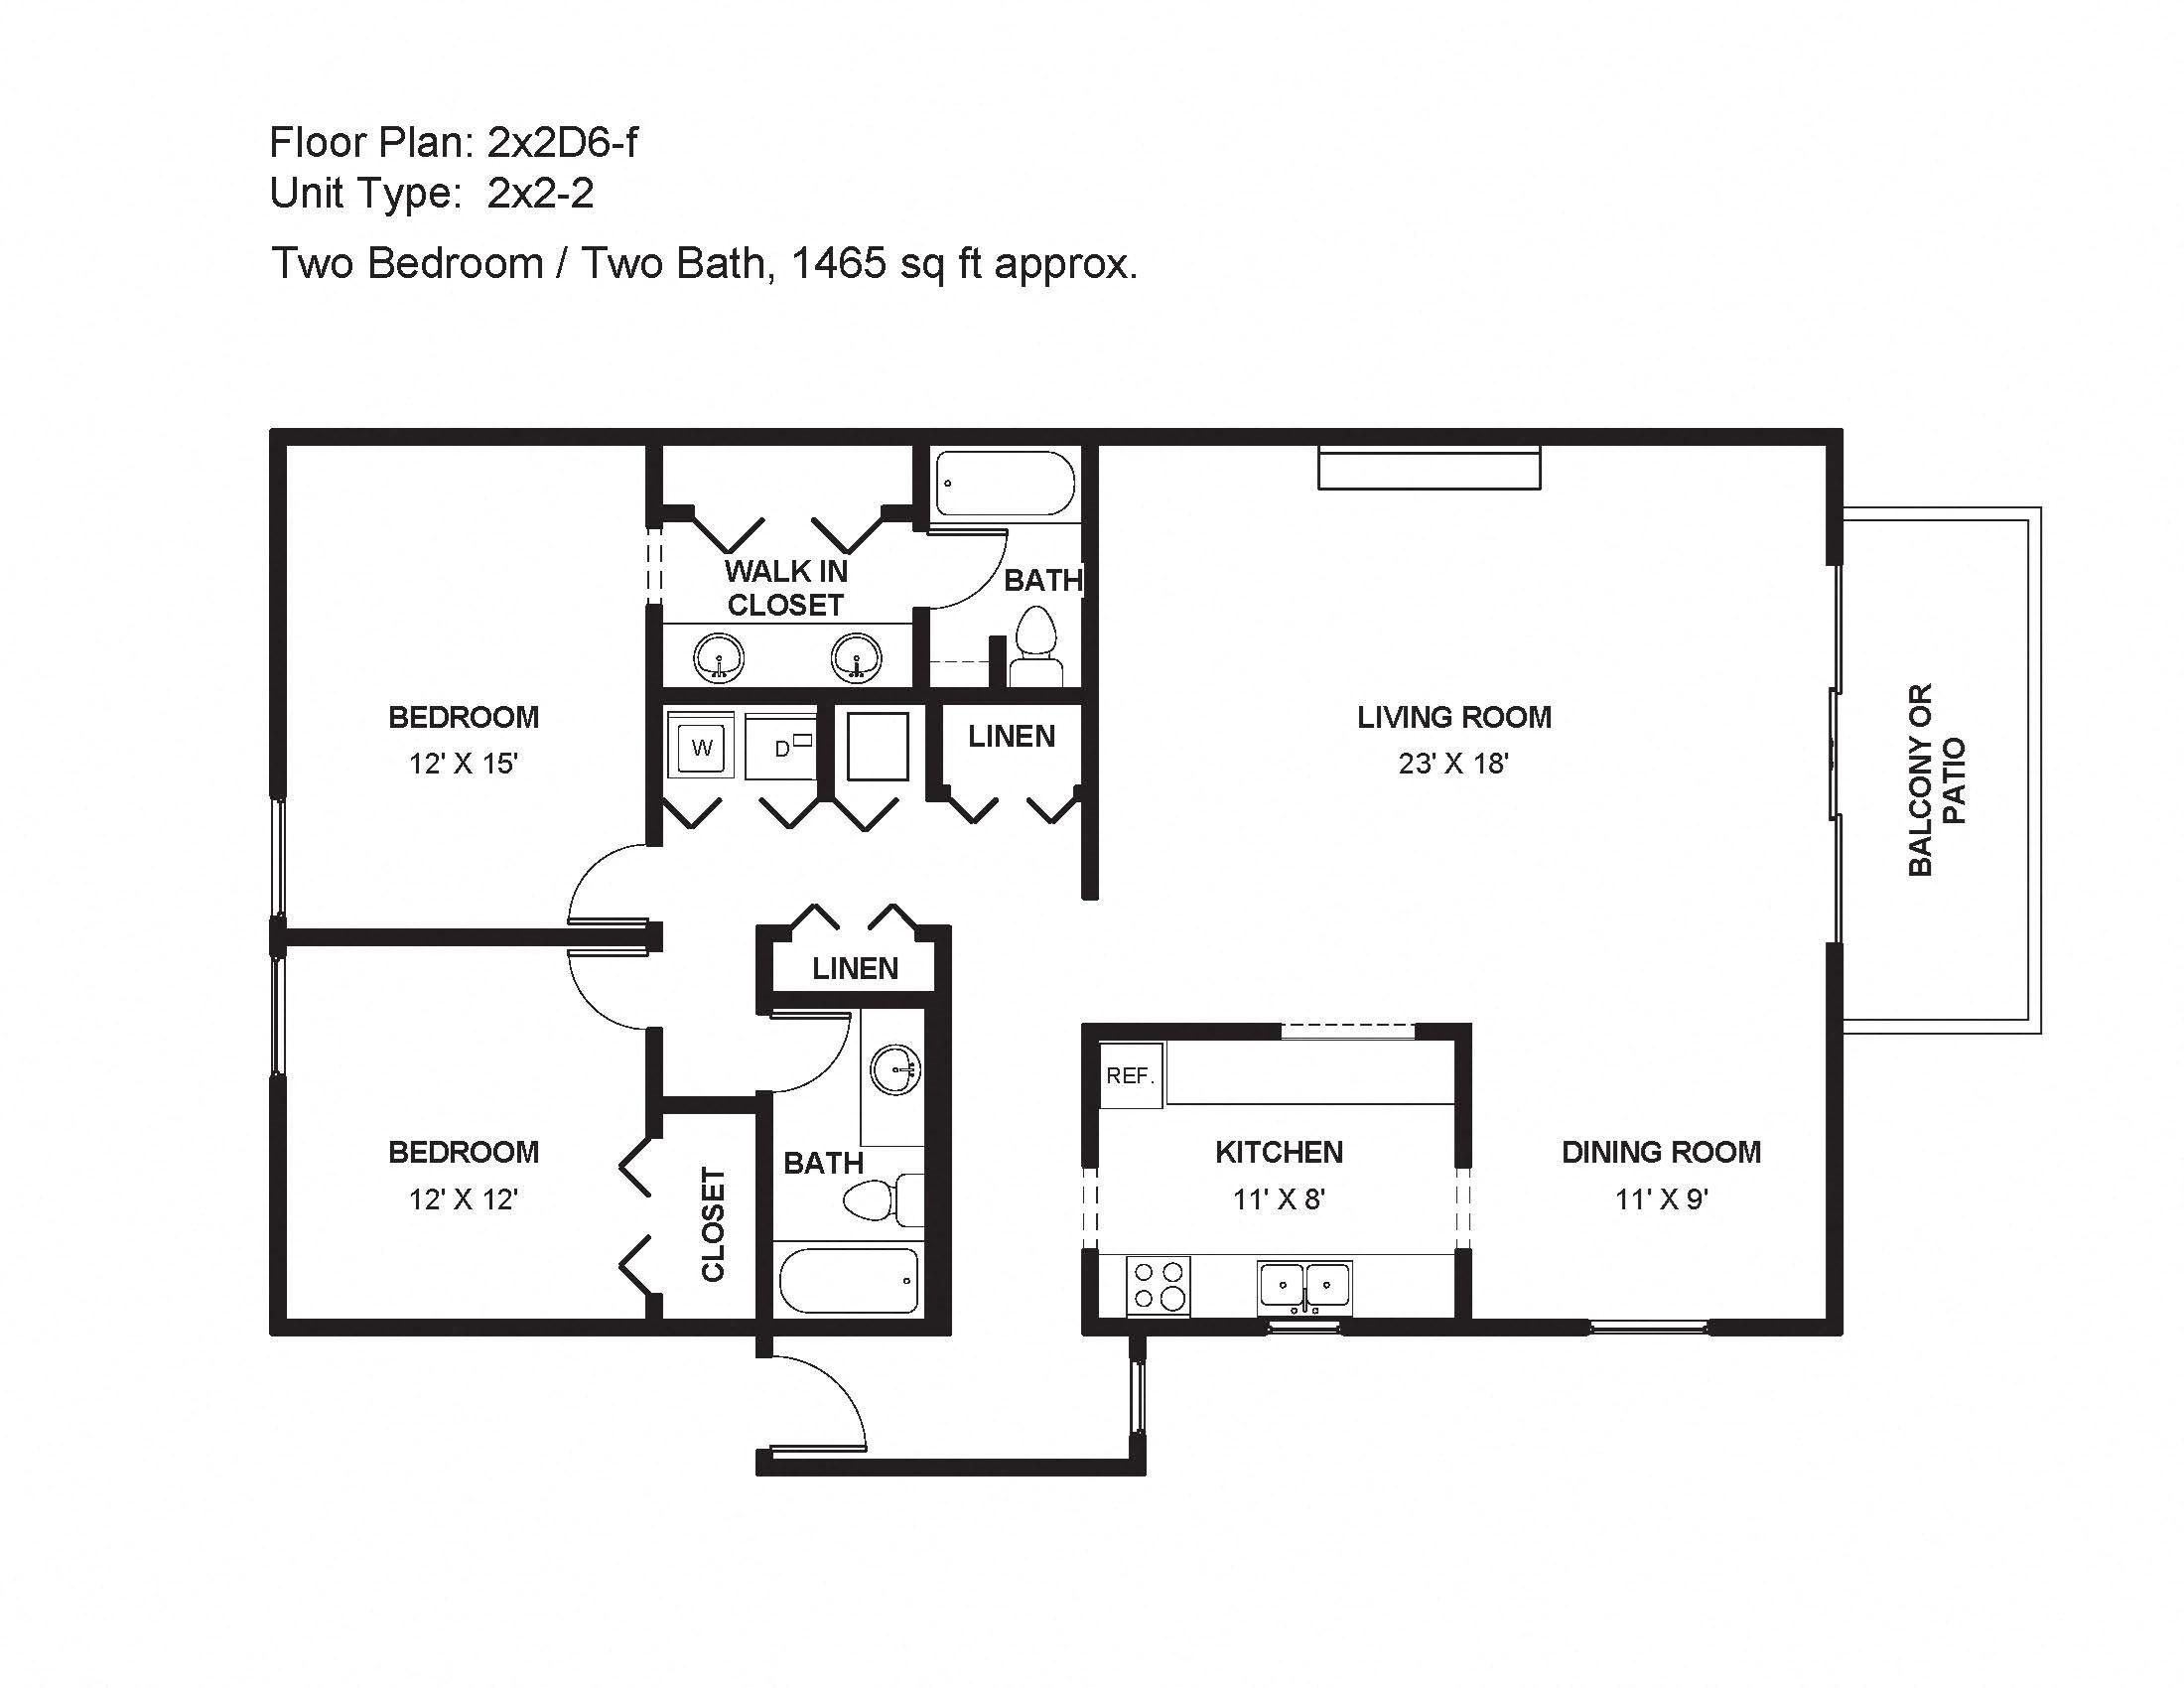 2x2D6-f Floor Plan 21